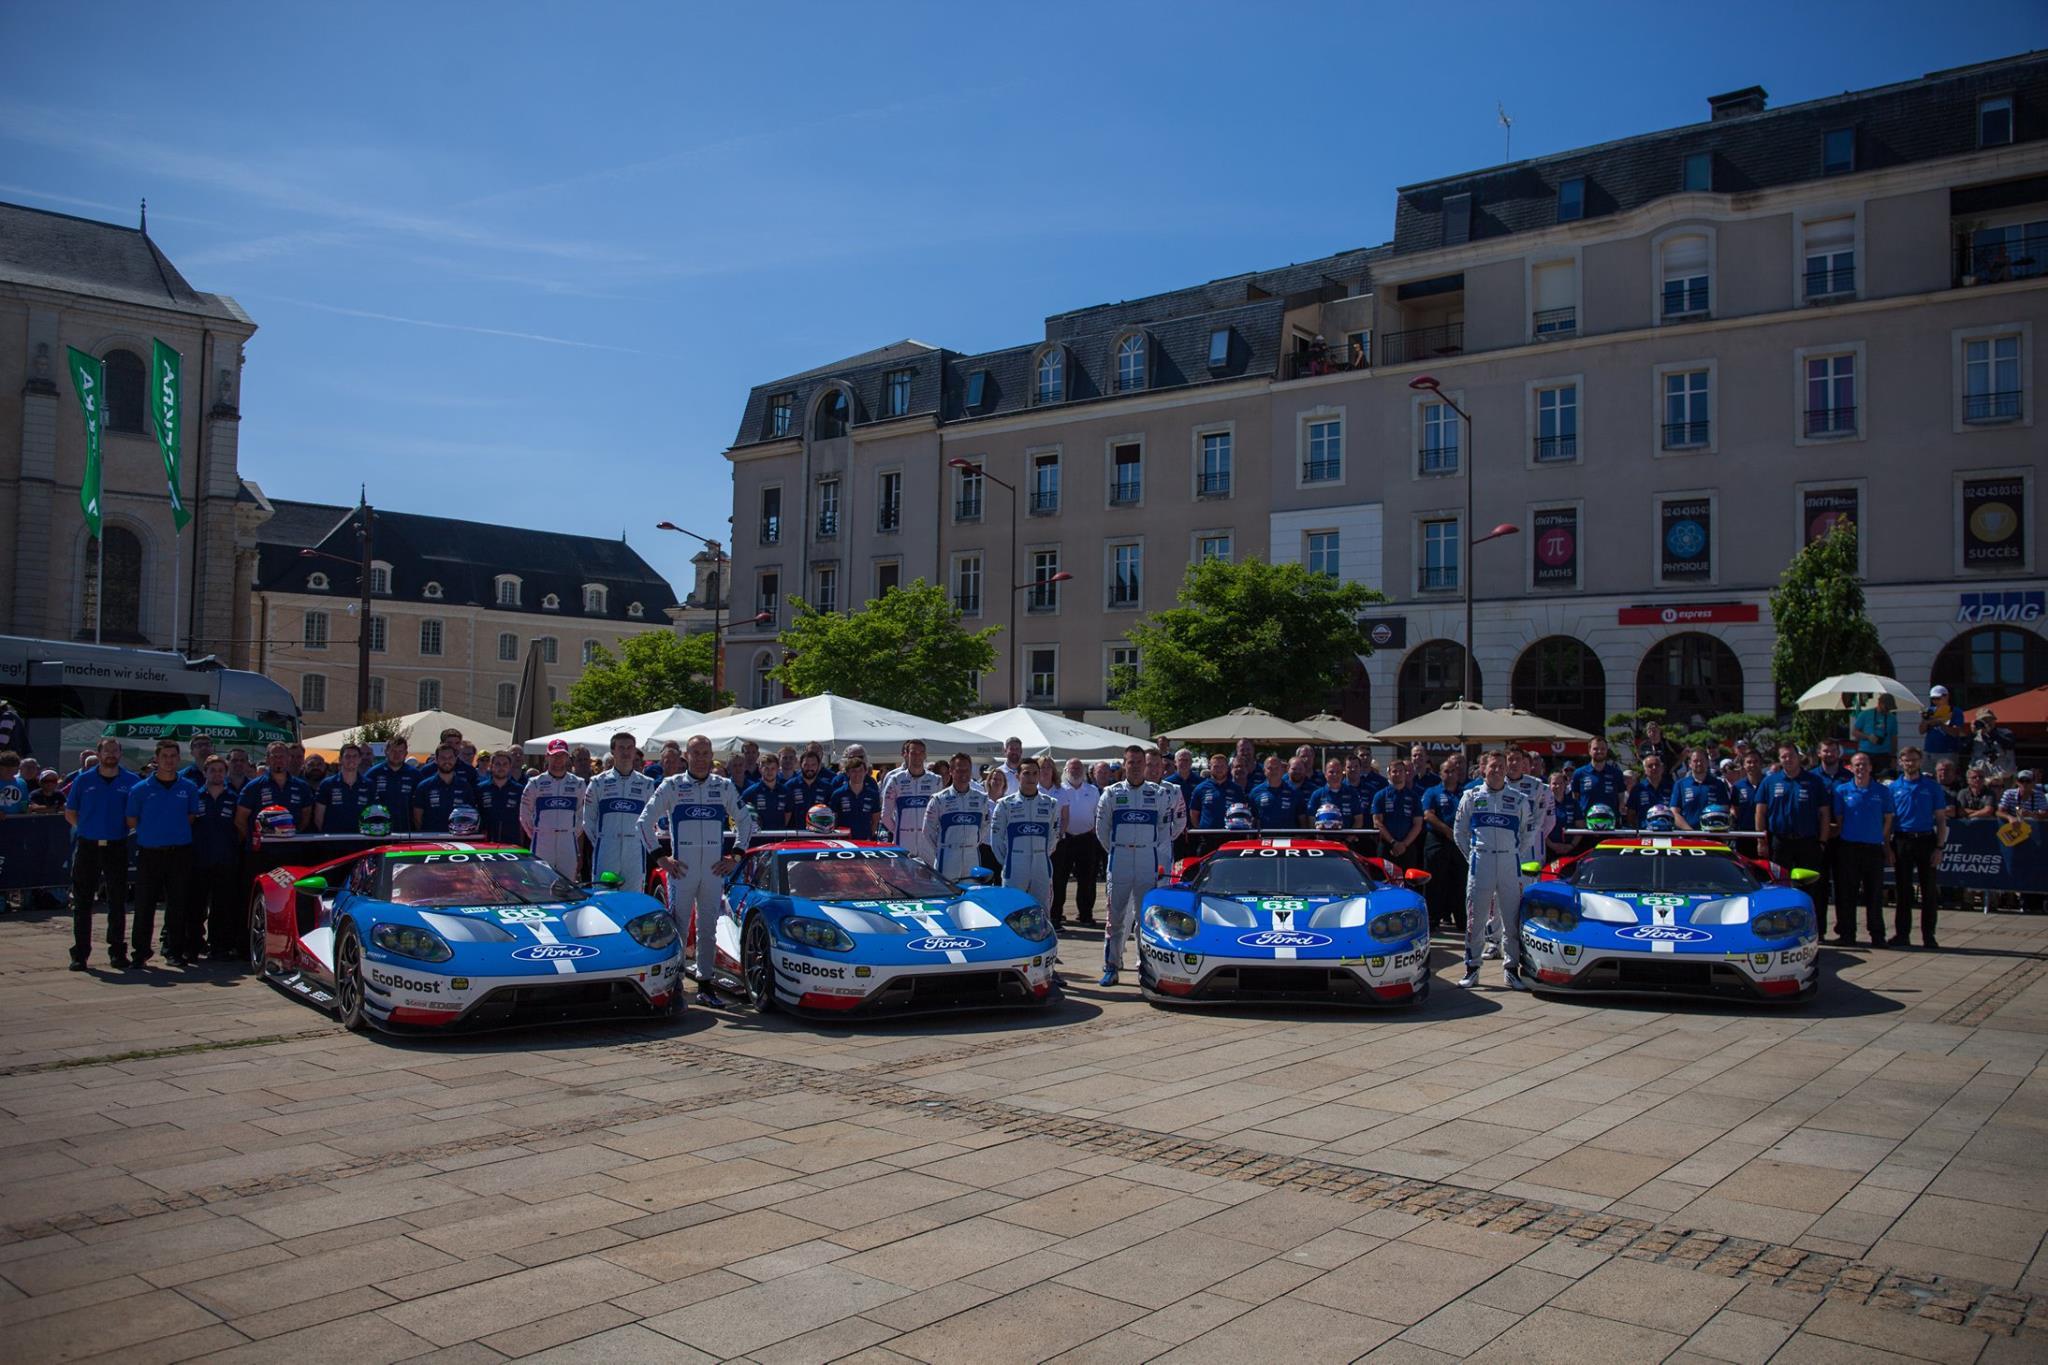 Porsche был быстрее на свободной сессии, но Камуи Кобаяши и Кадзуки Накадзима были быстрее во время первого заезда в среду. №7 Toyota TS050 Hybrid Кобаяши установил рекорд круга со временем 3 минуты 18.793 секунд, что на 0,6 секунды быстрее Накадзимы